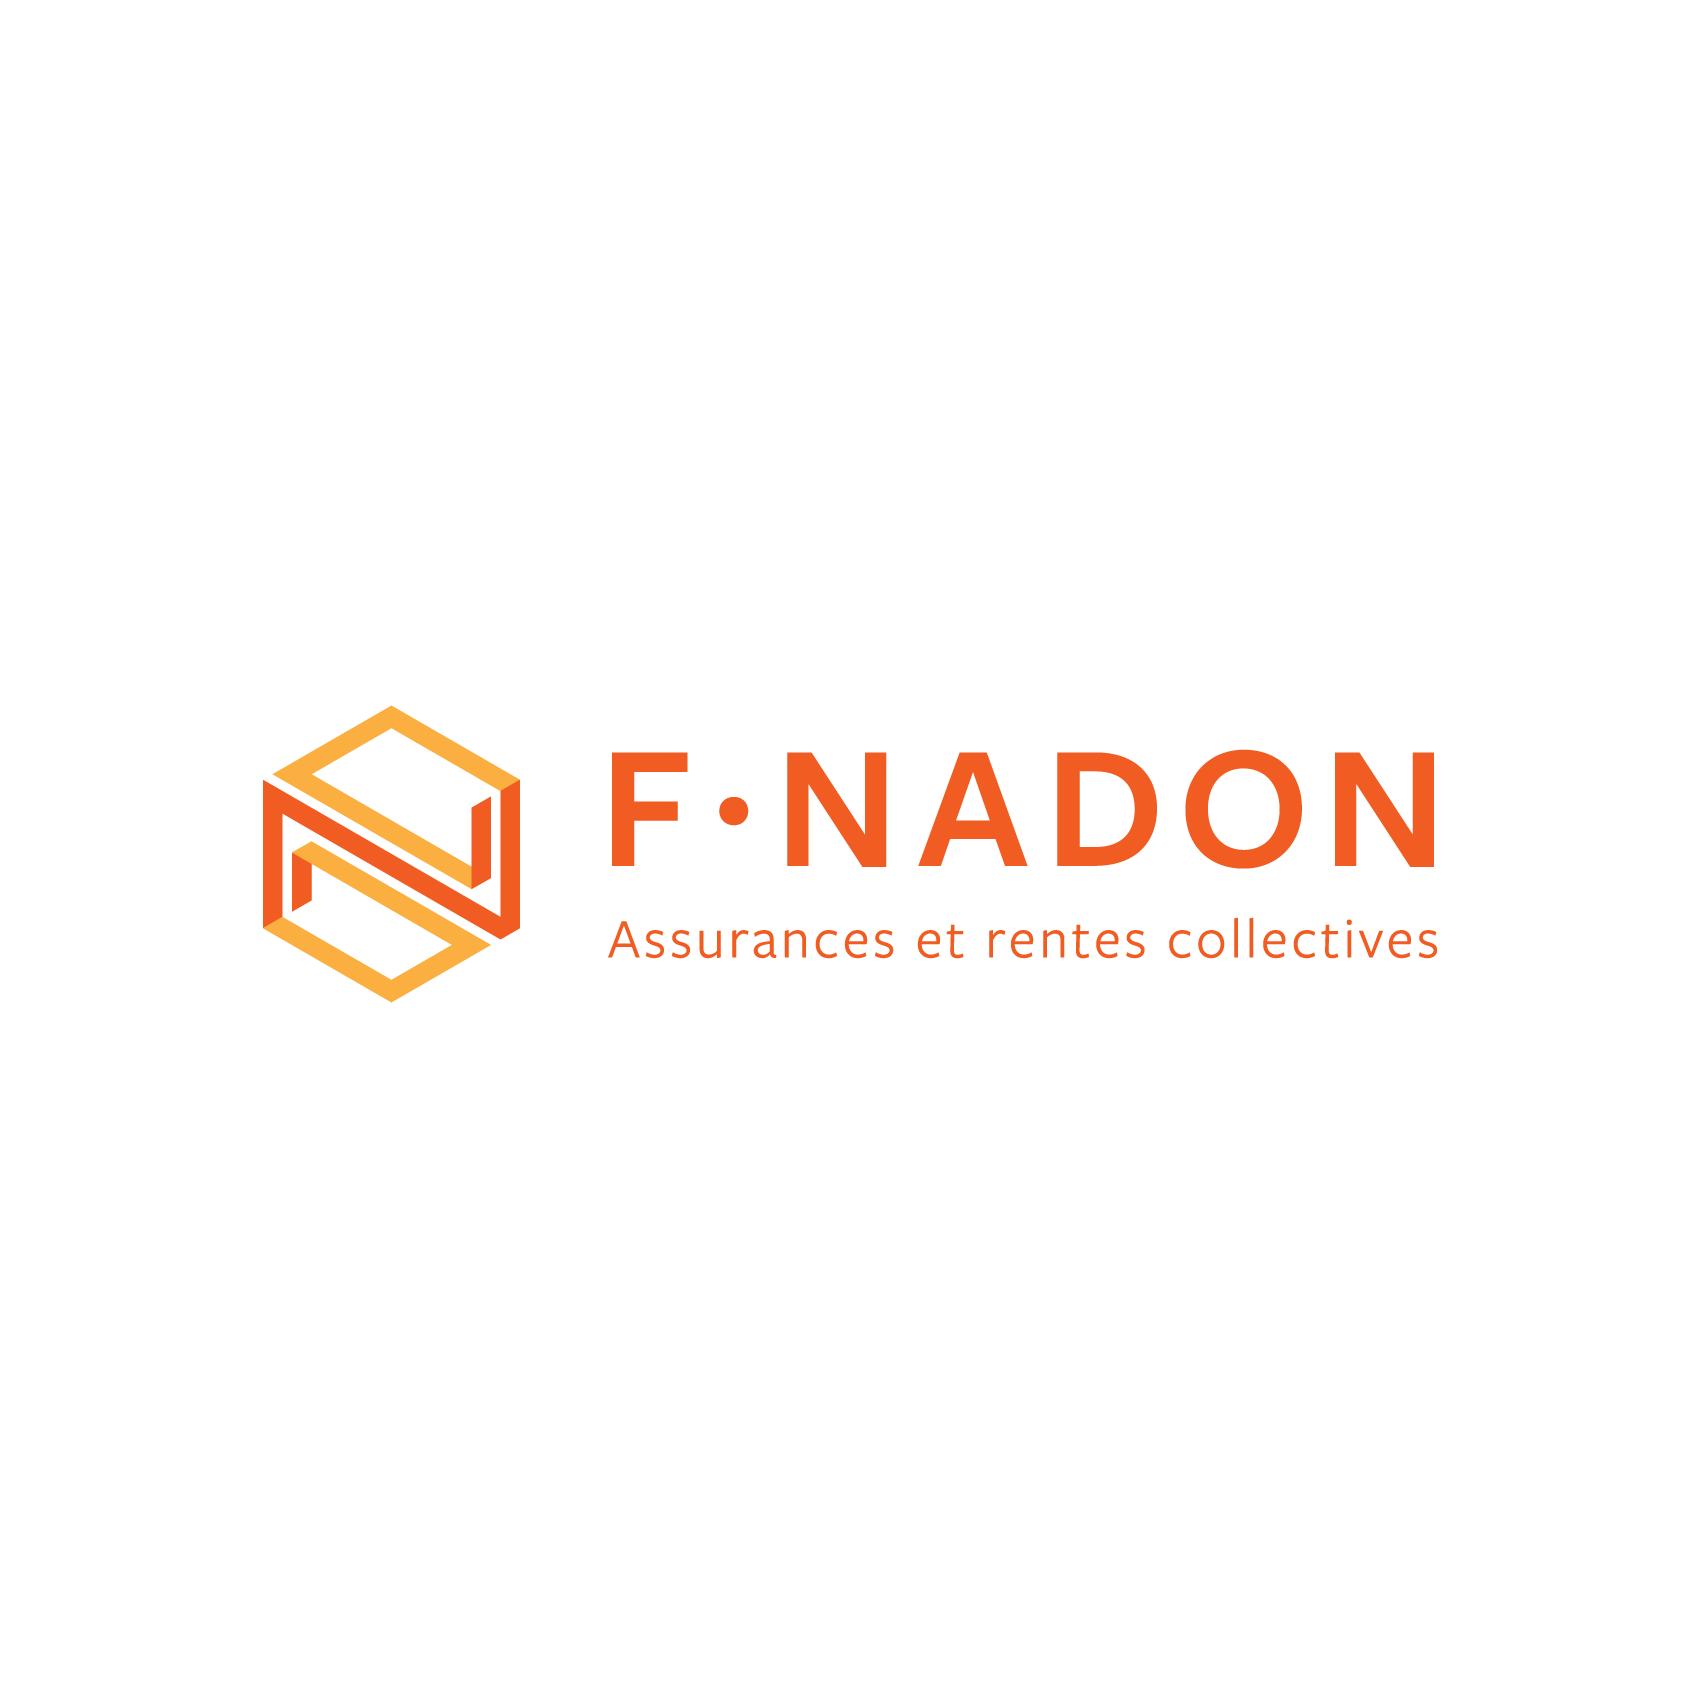 MlleRouge_logos_FNadon